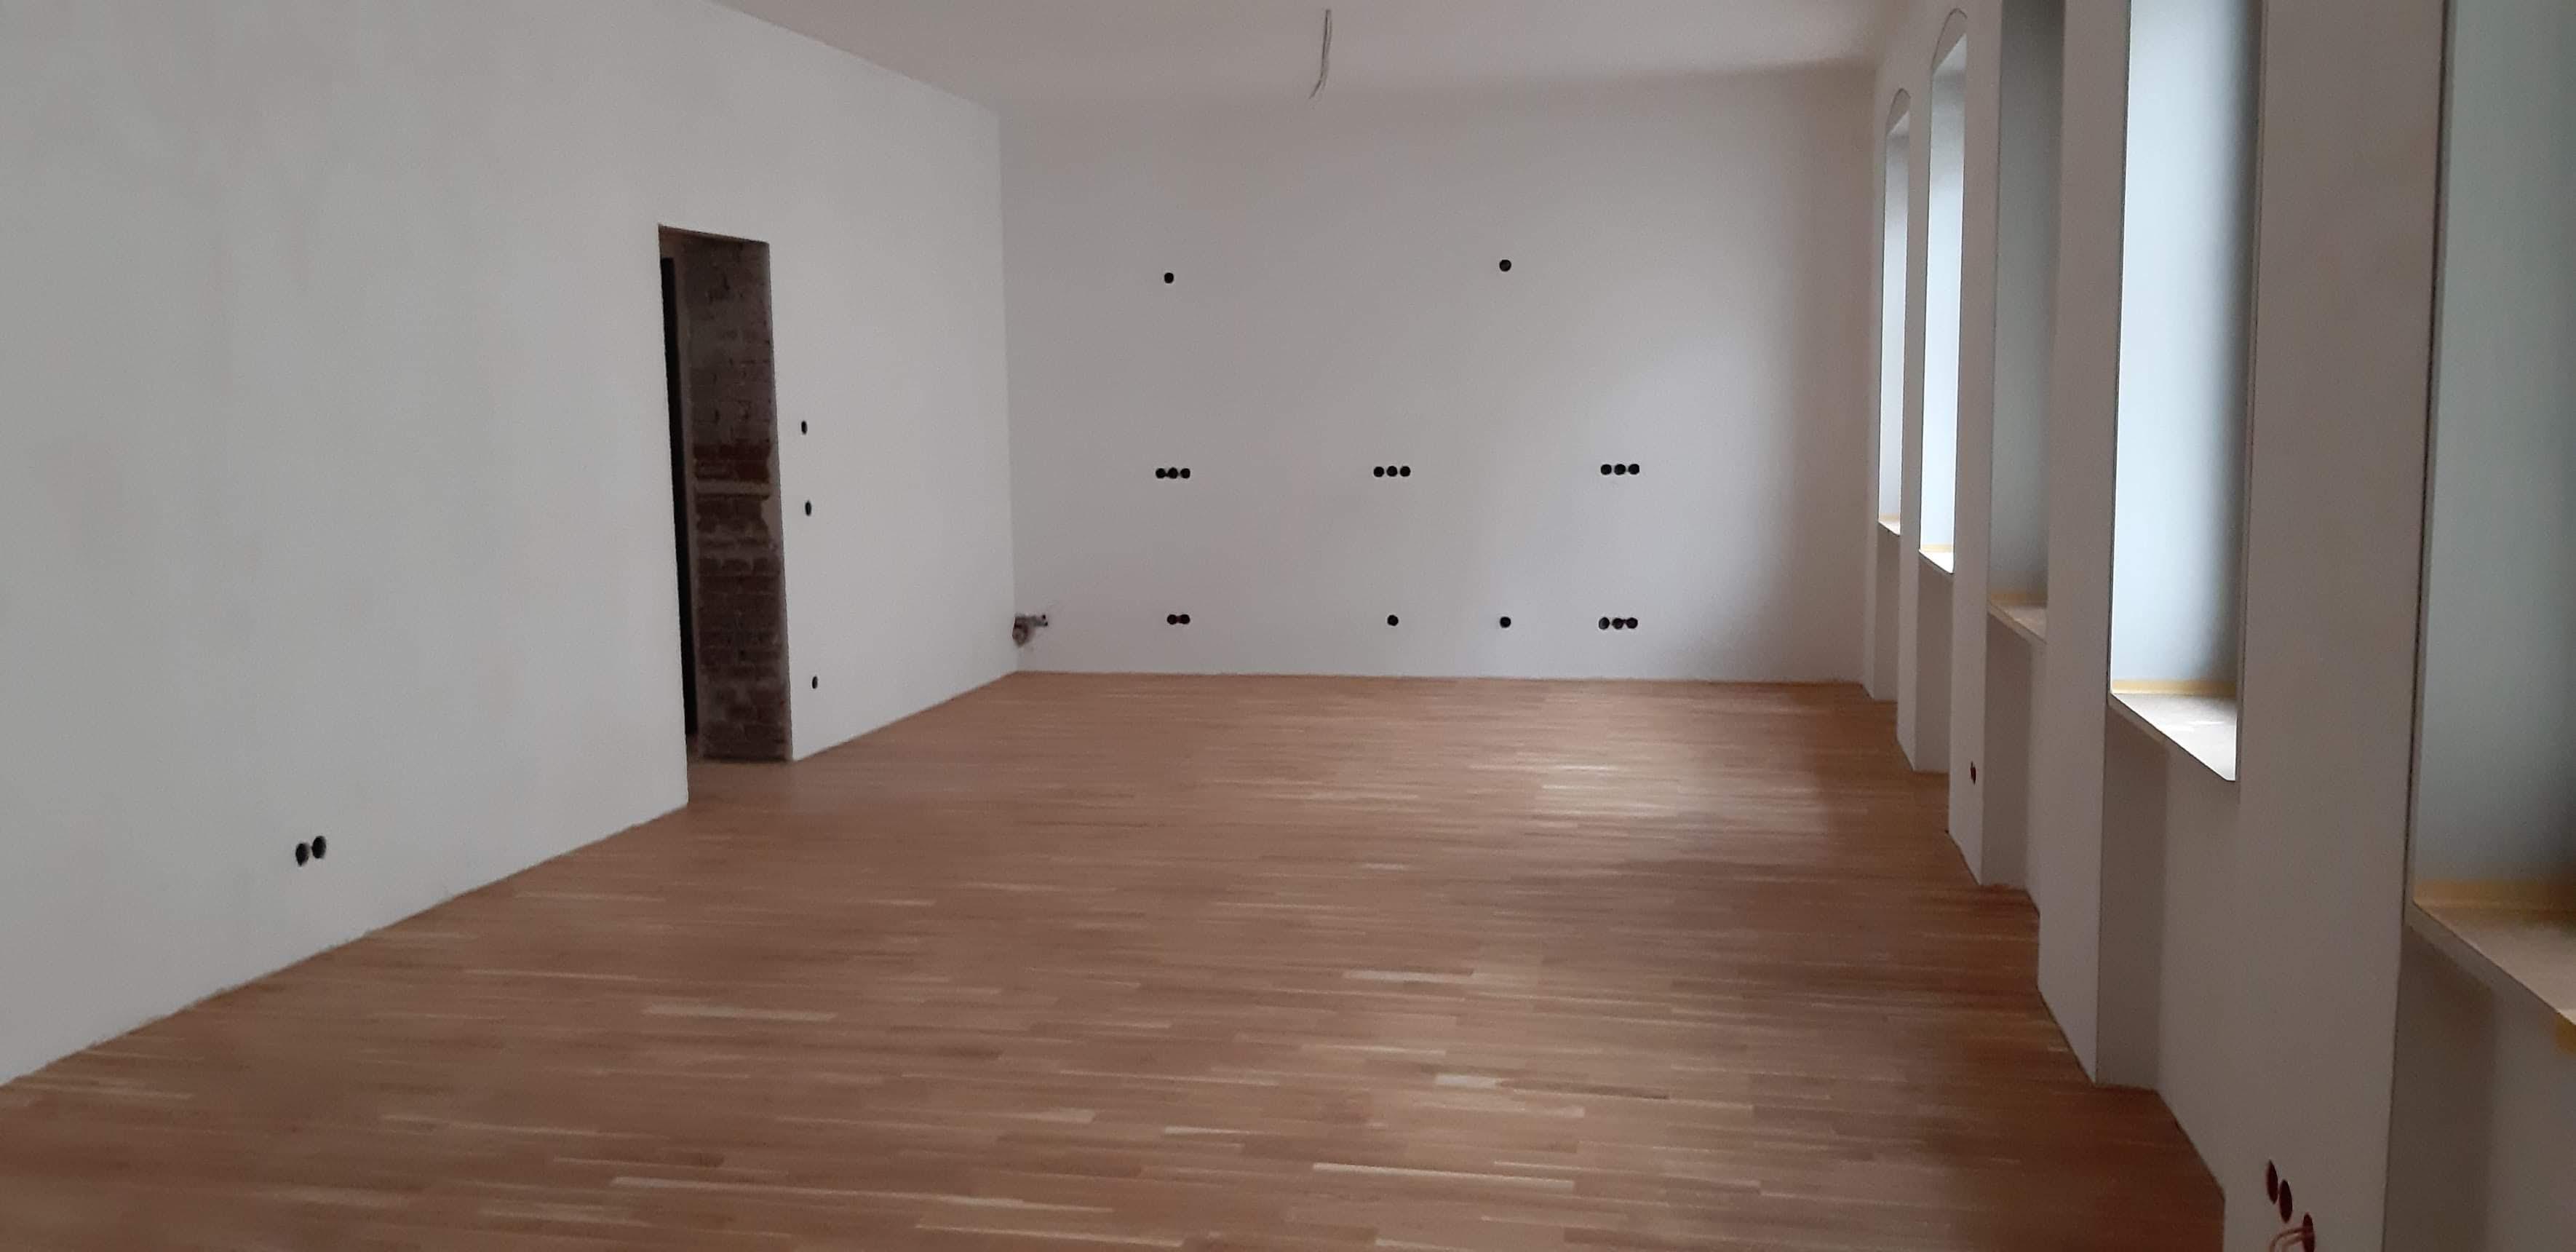 Mehrfamilienhaus 2019/2020